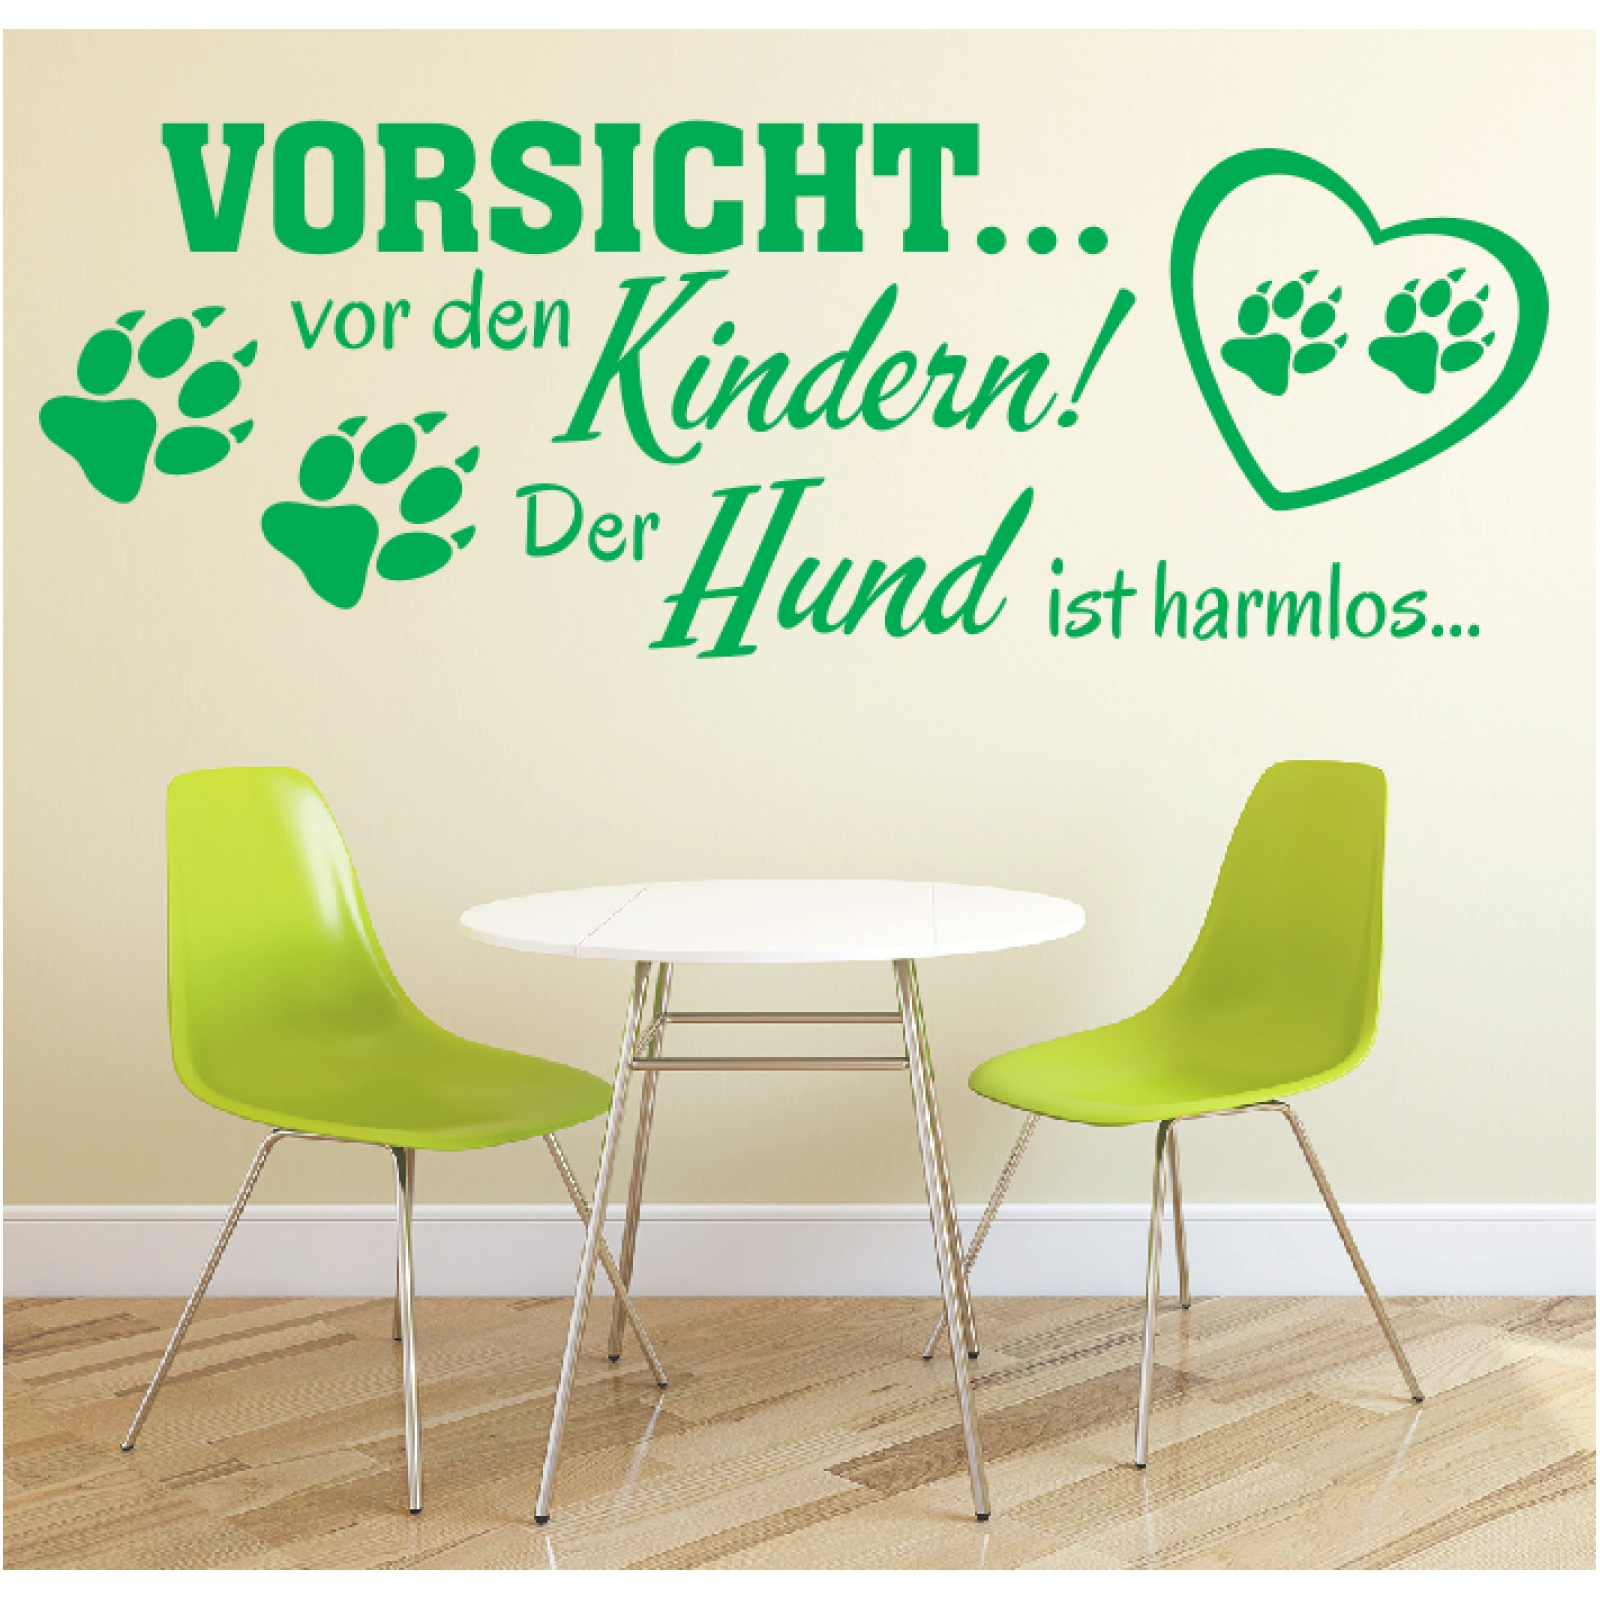 Wandtattoo-Spruch-Vorsicht-vor-Kindern-Hund-harmlos-Wandaufkleber-Wandsticker-2